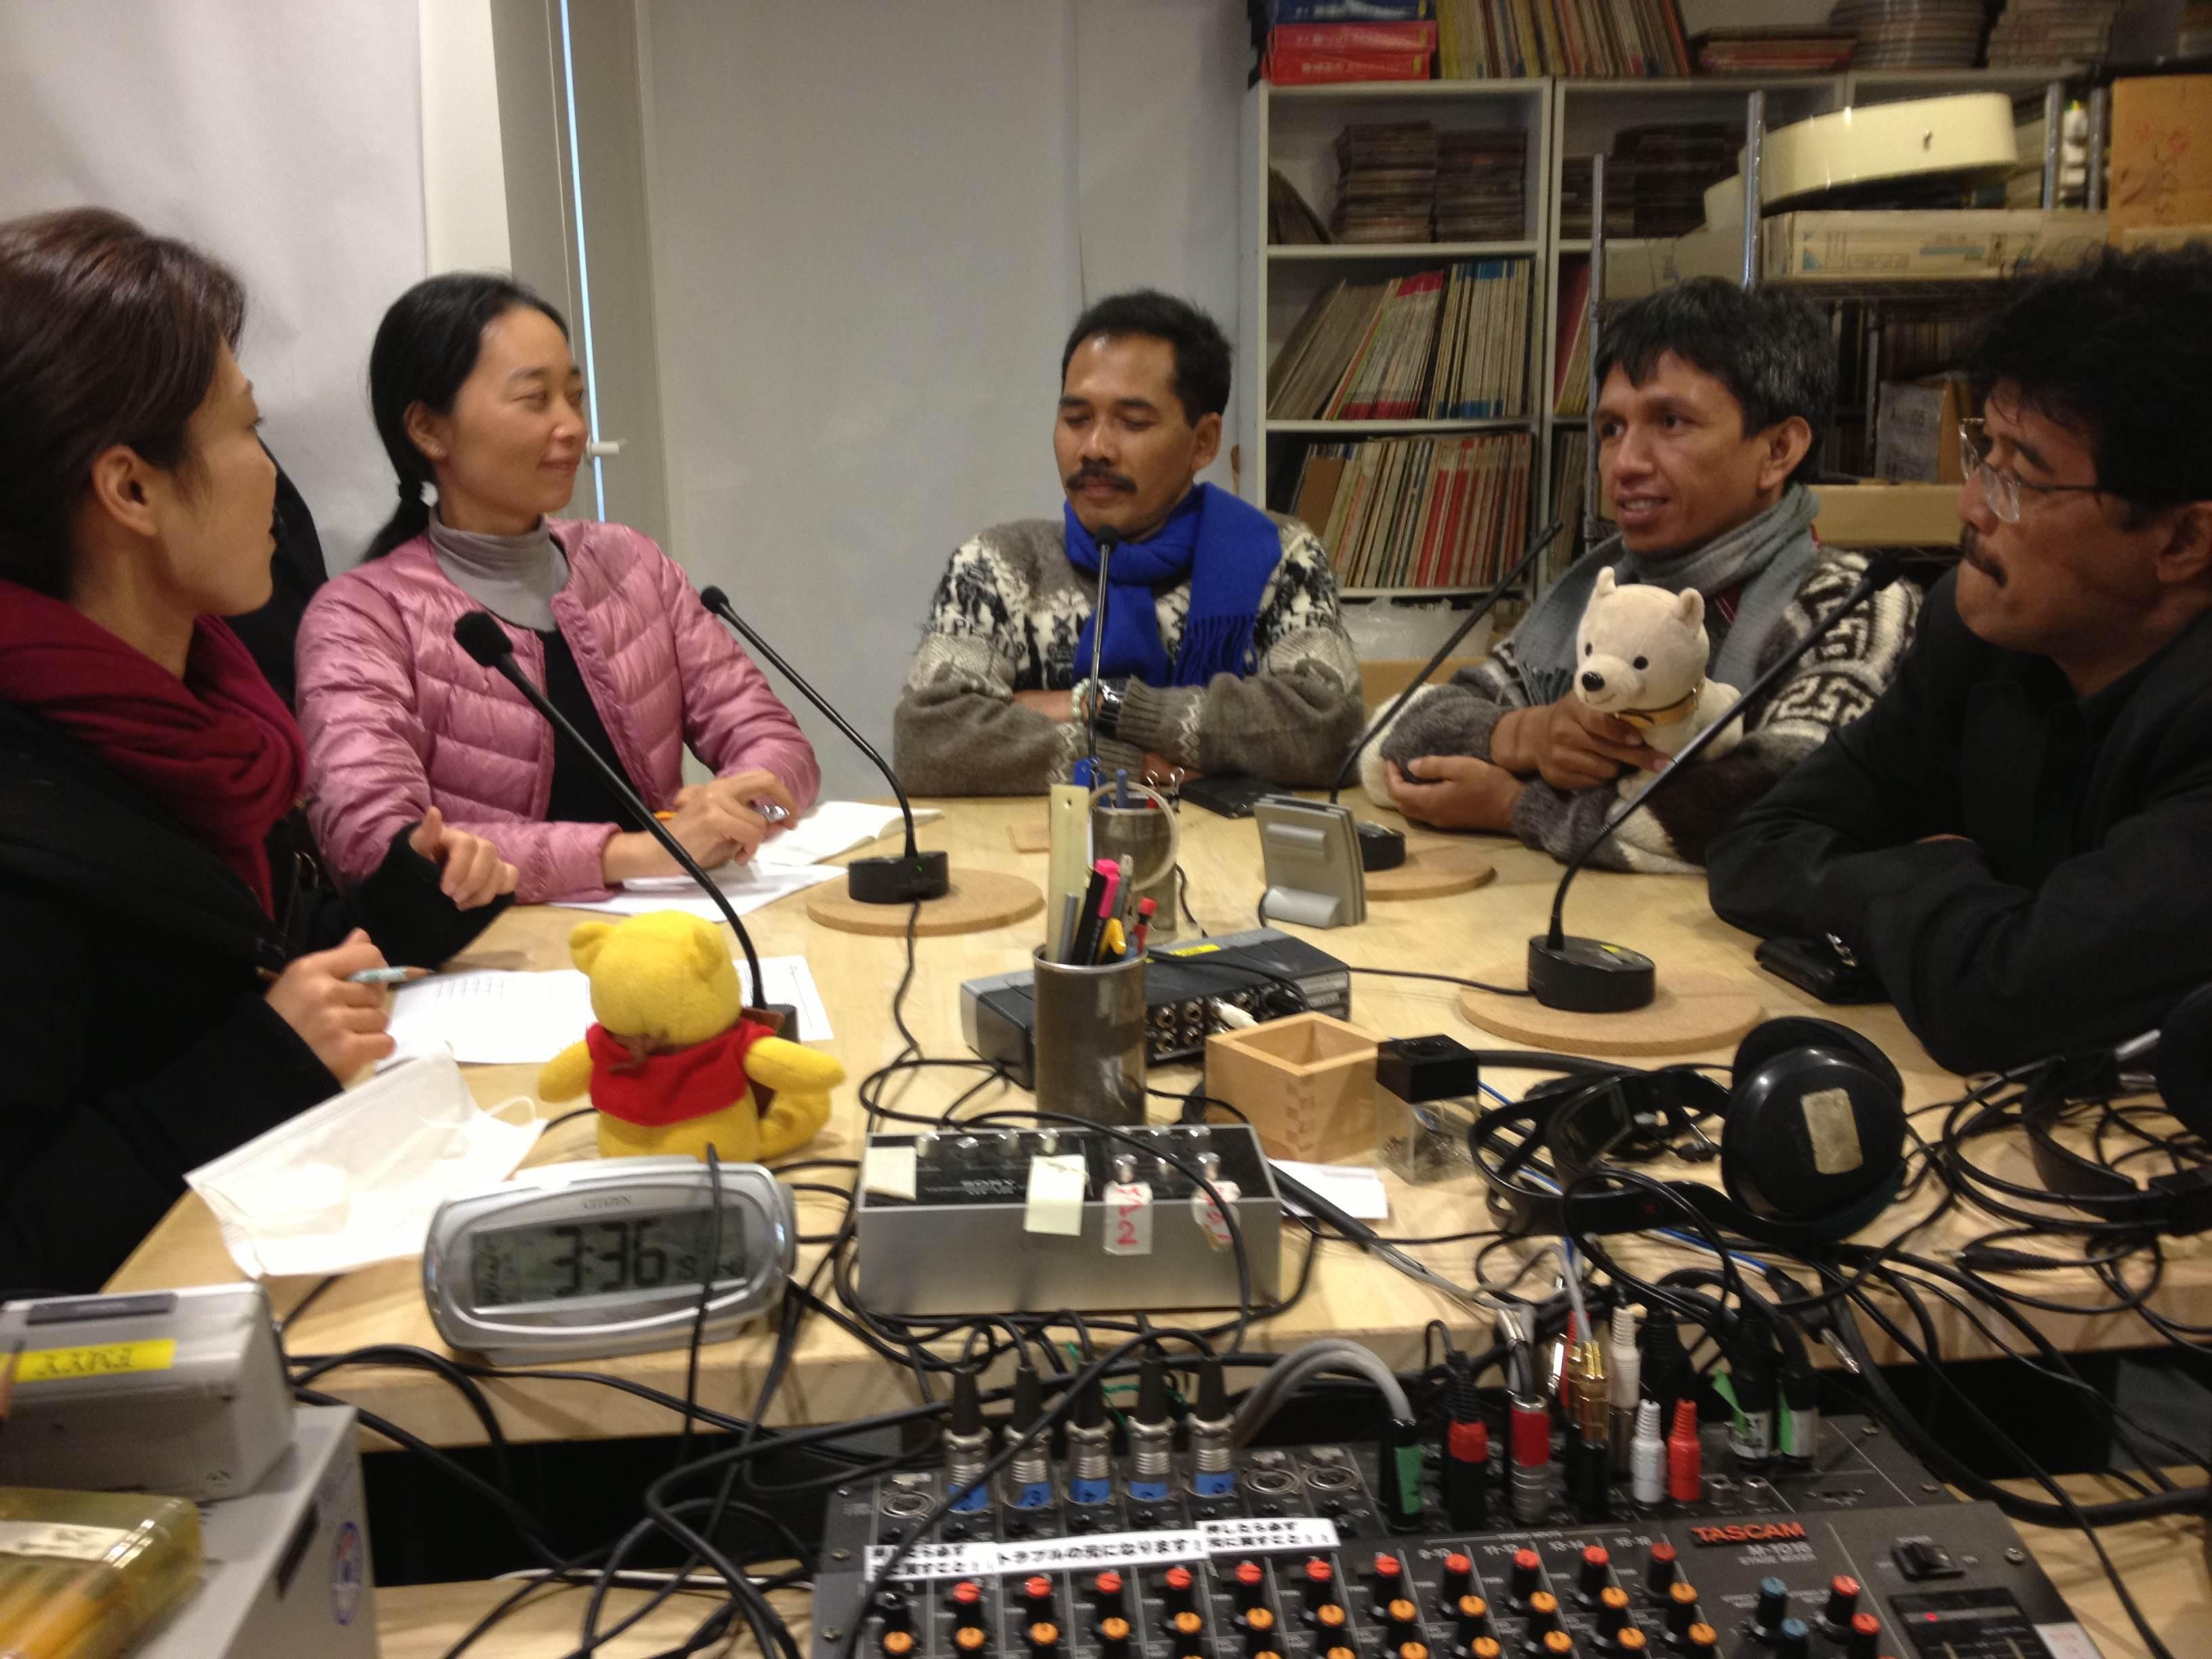 インドネシアから来日ゲストにインタビュー!-2月5日(水)23時から放送の「Selamat malam dari Indonesia~インドネシアからこんばんは~」